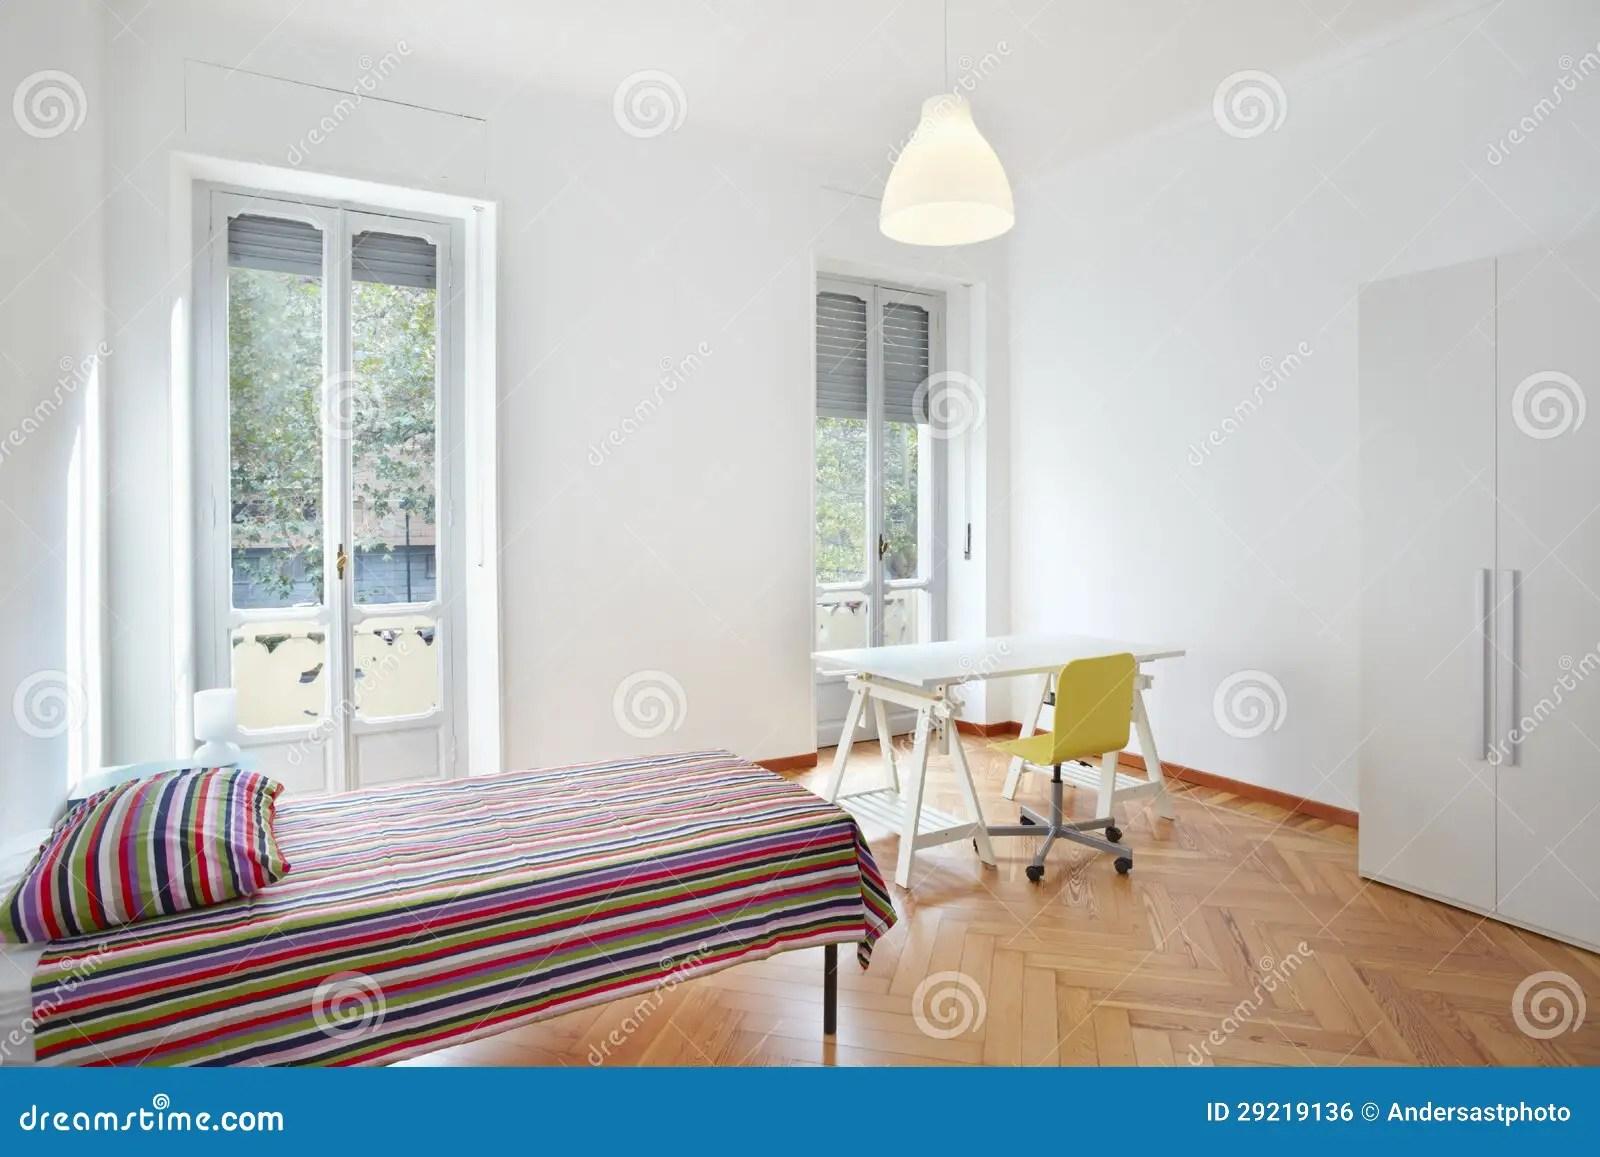 Ameisen Im Schlafzimmer